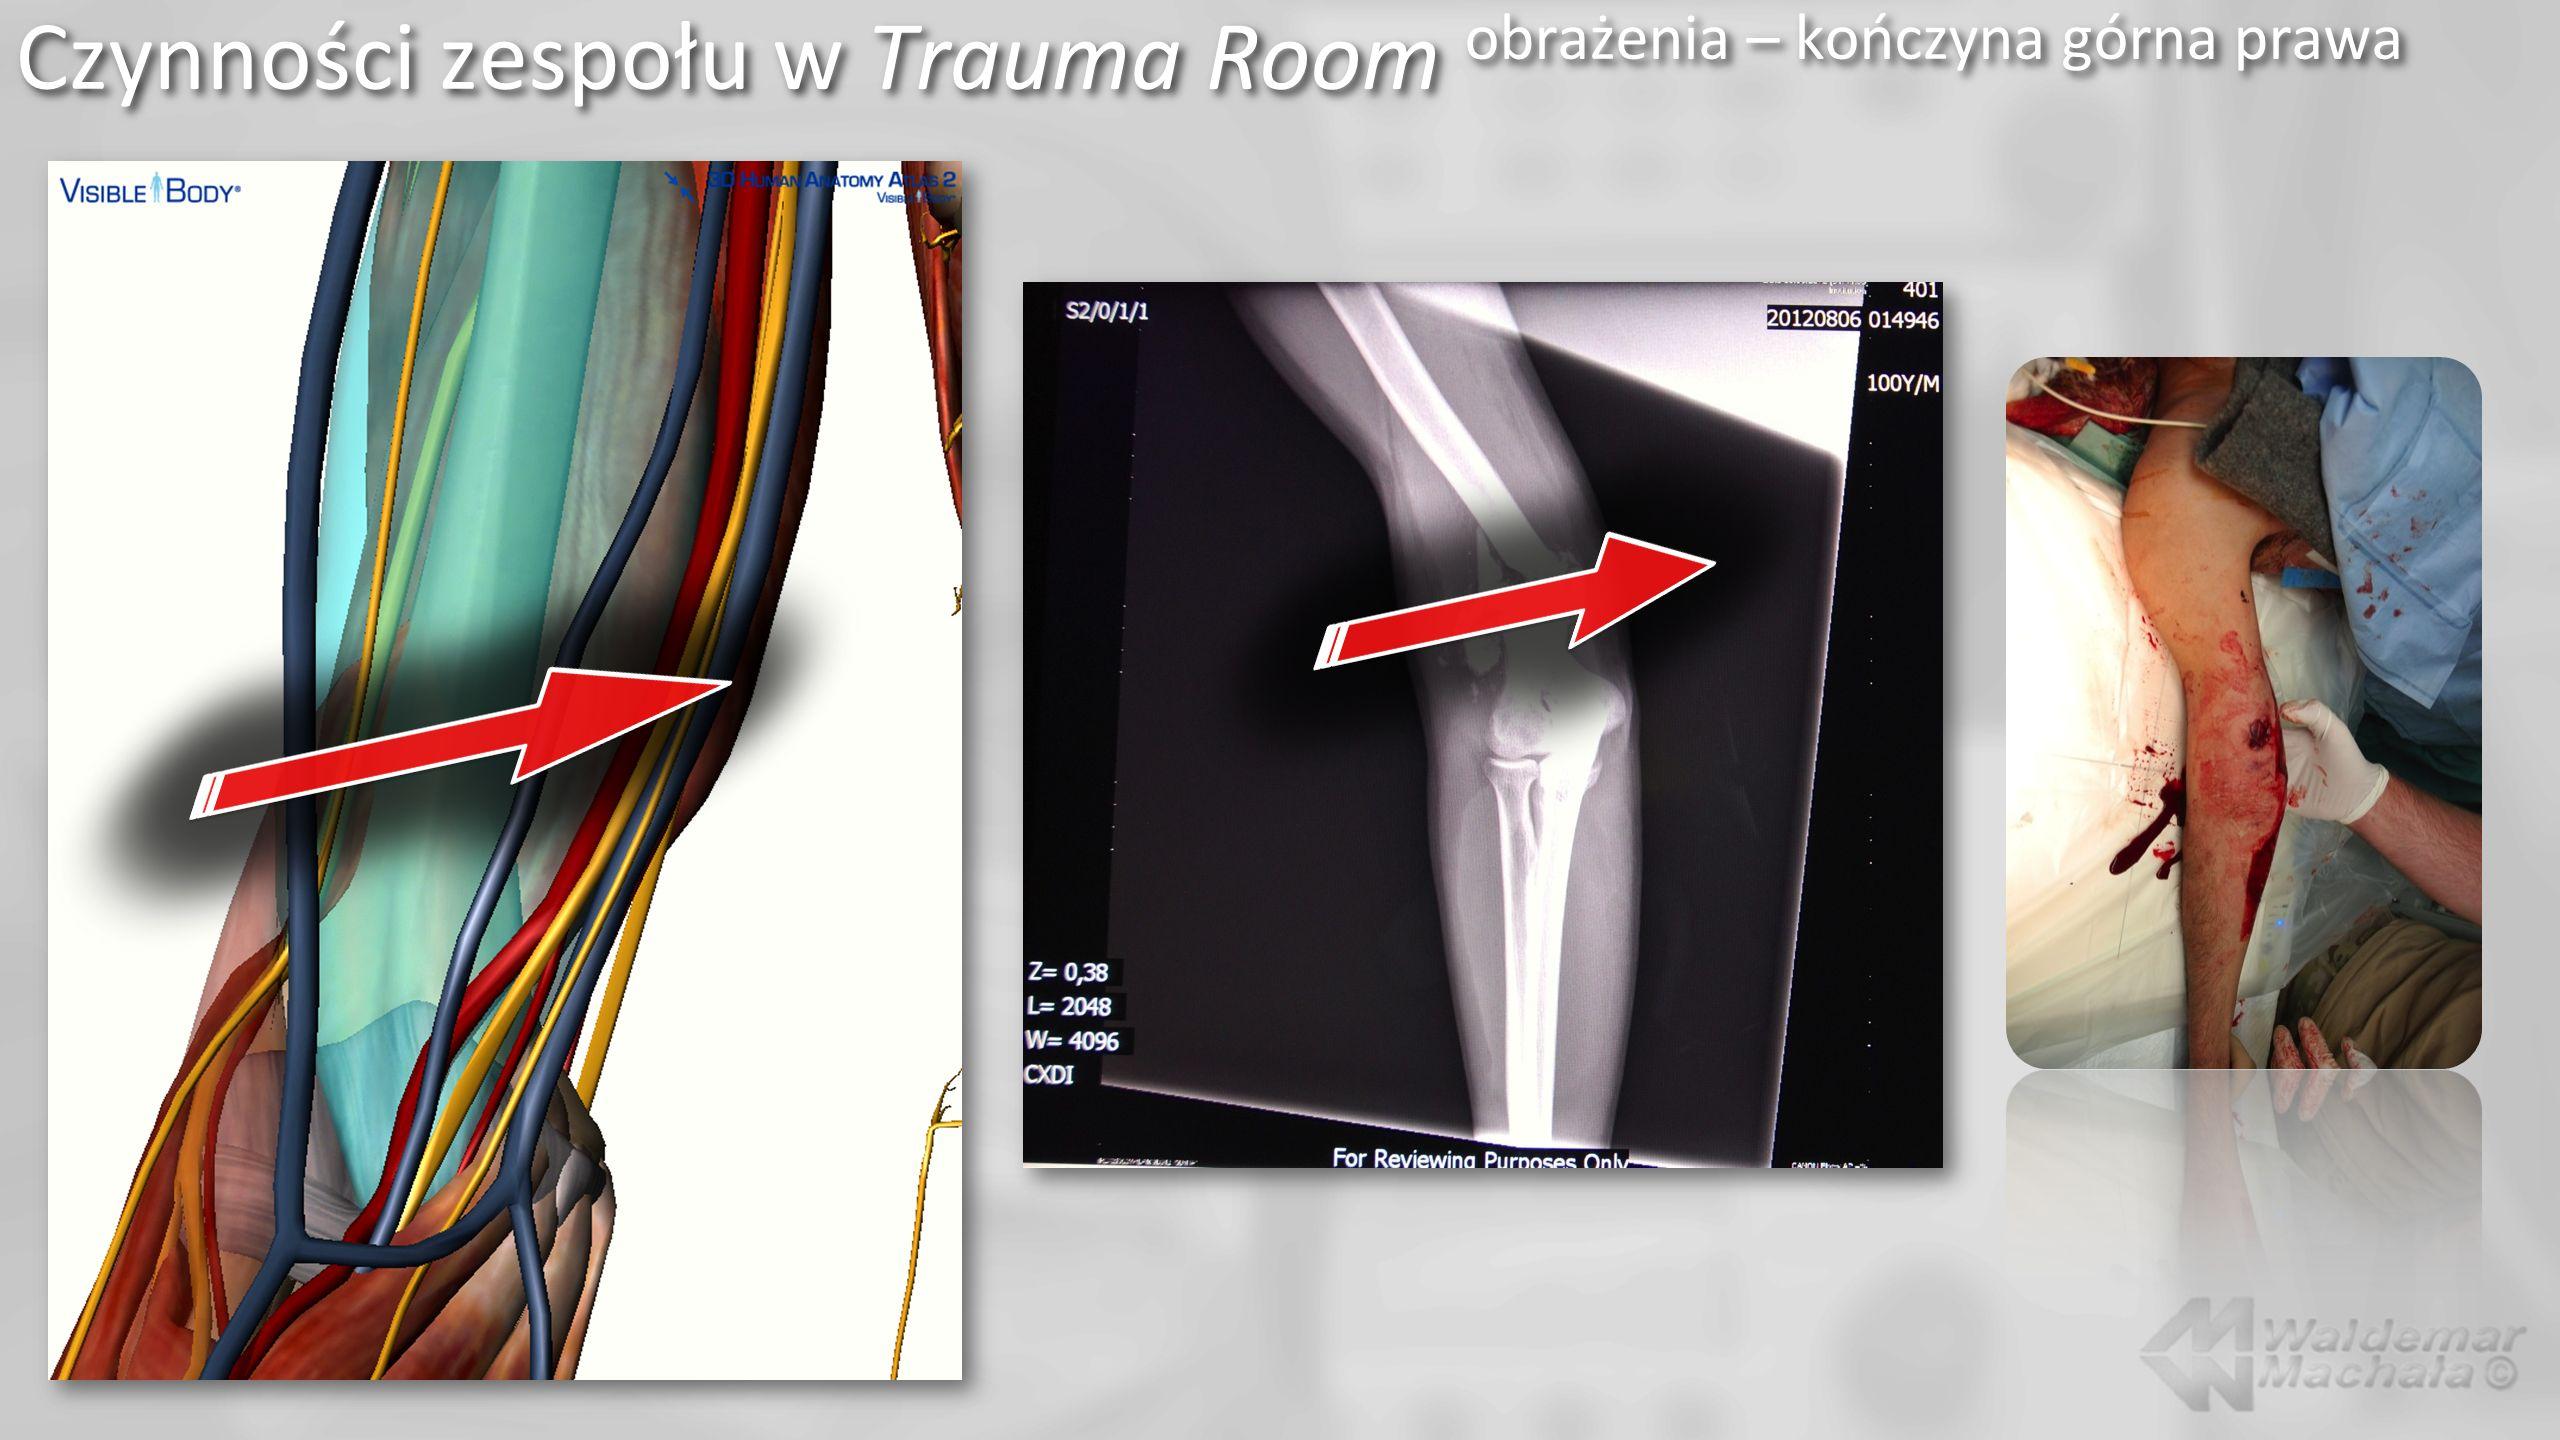 Czynności zespołu w Trauma Room obrażenia – kończyna górna prawa